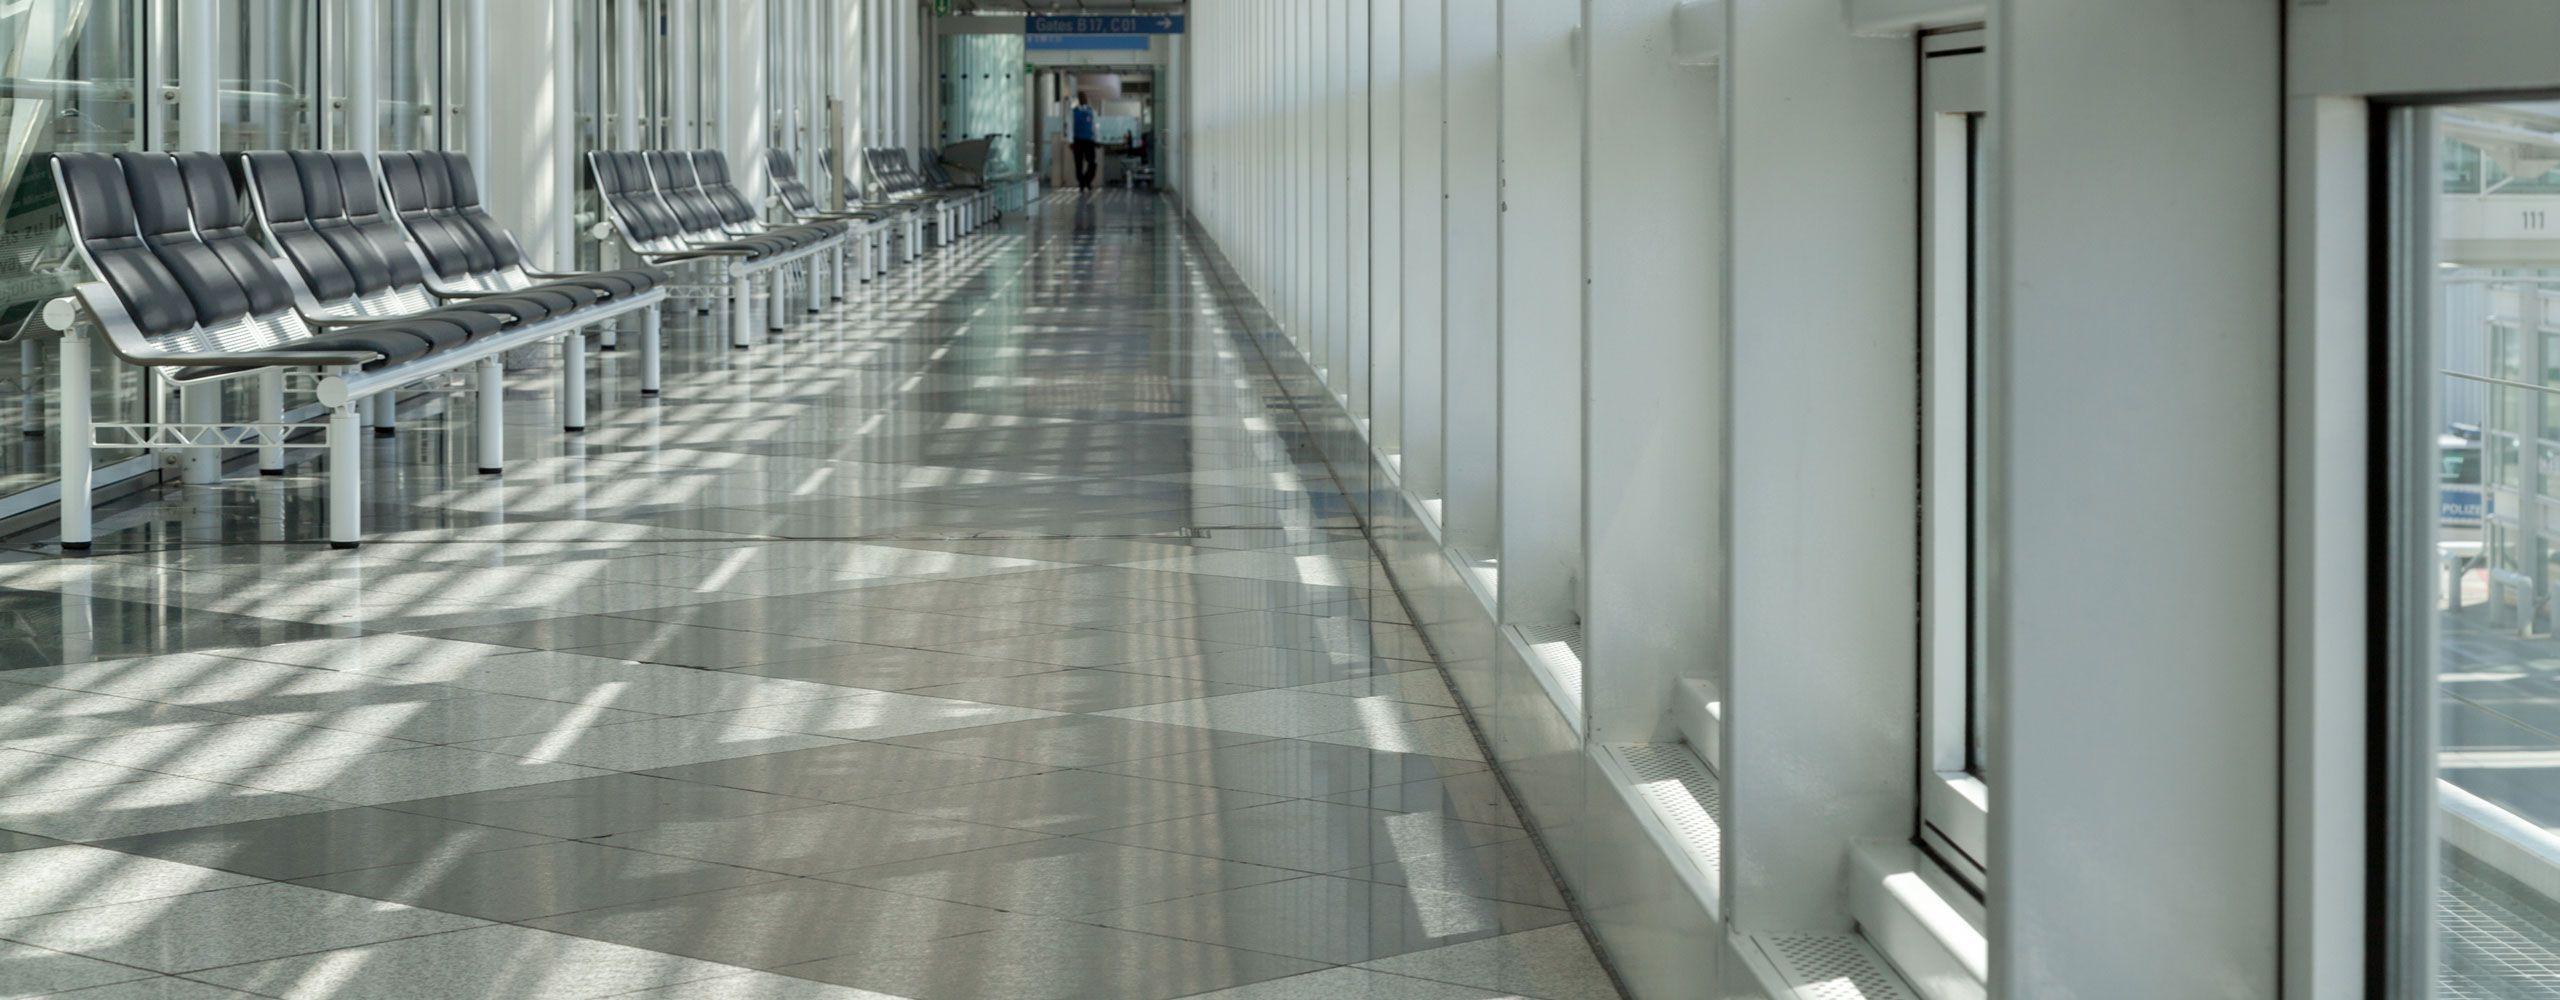 National decor commercial flooring contractors in ottawa for Commercial flooring contractors